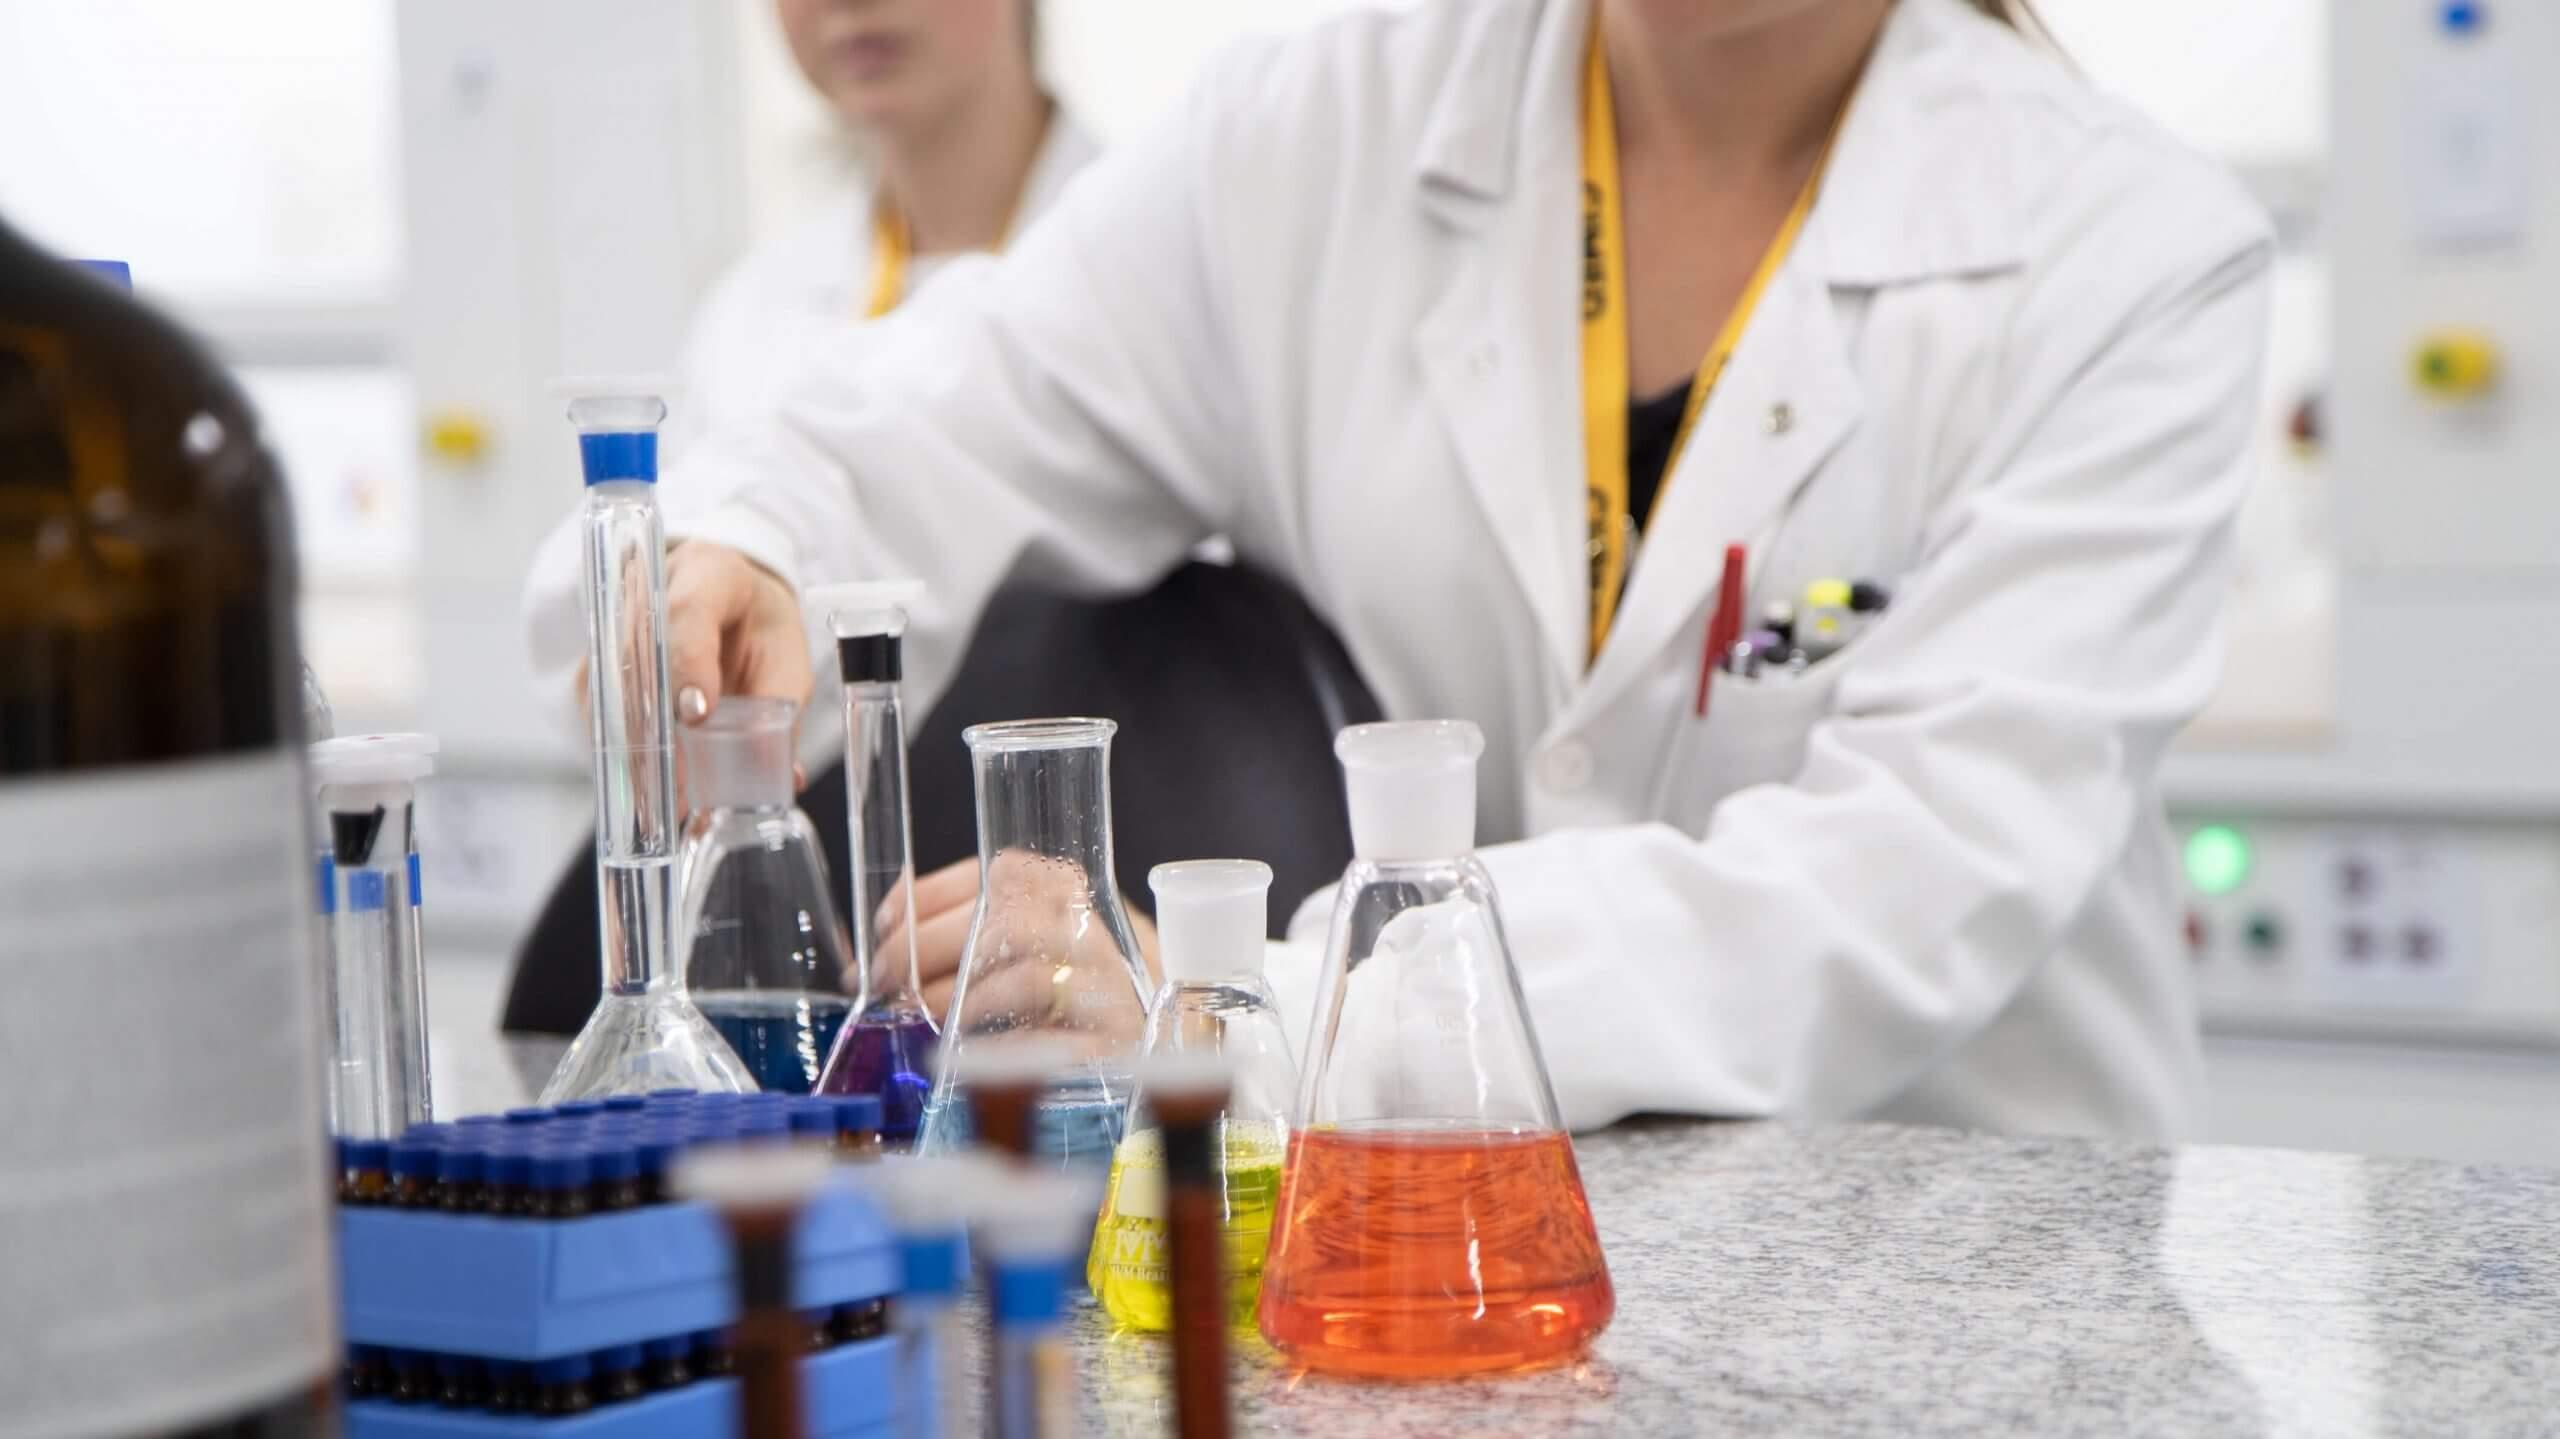 Imagem de mulher manipulando frascos em laboratório.